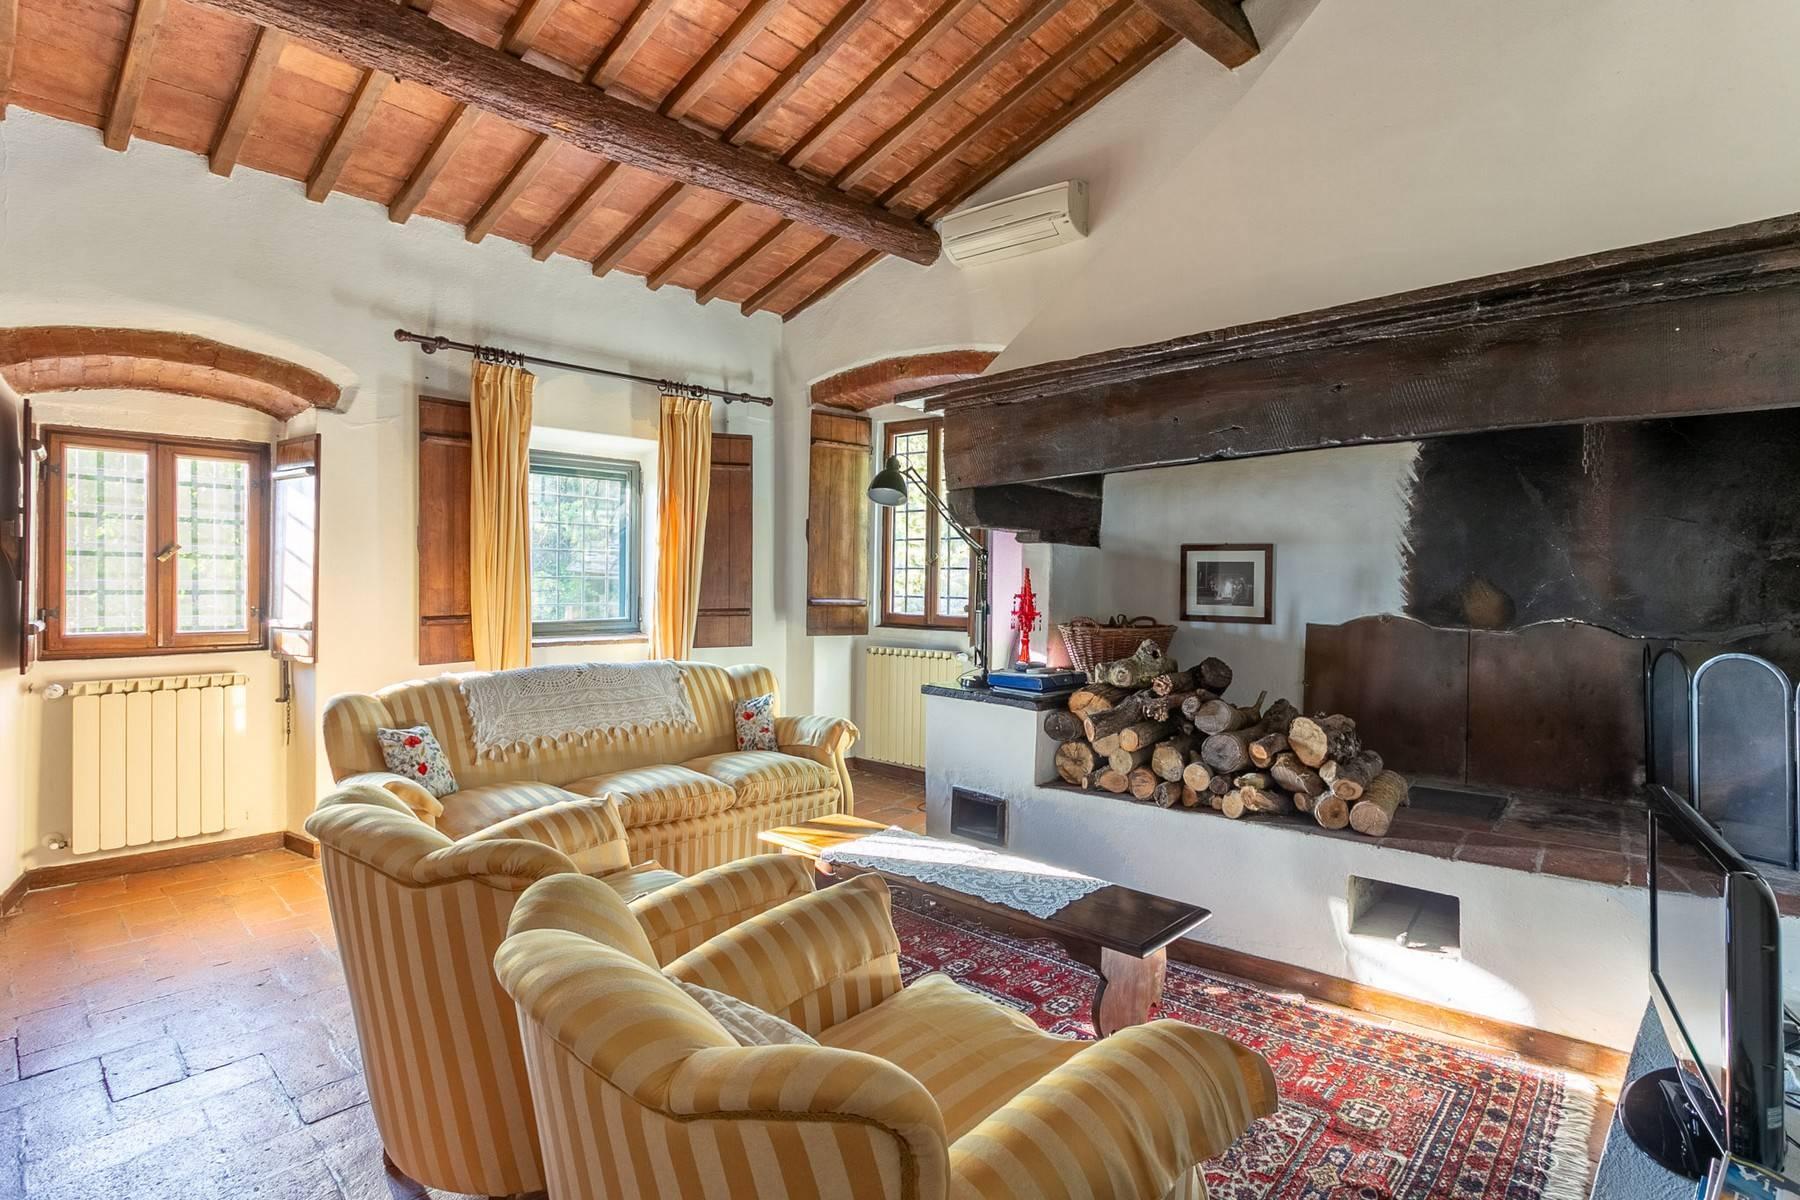 Villa mitten im Grünen in der Nähe von Florenz - 11